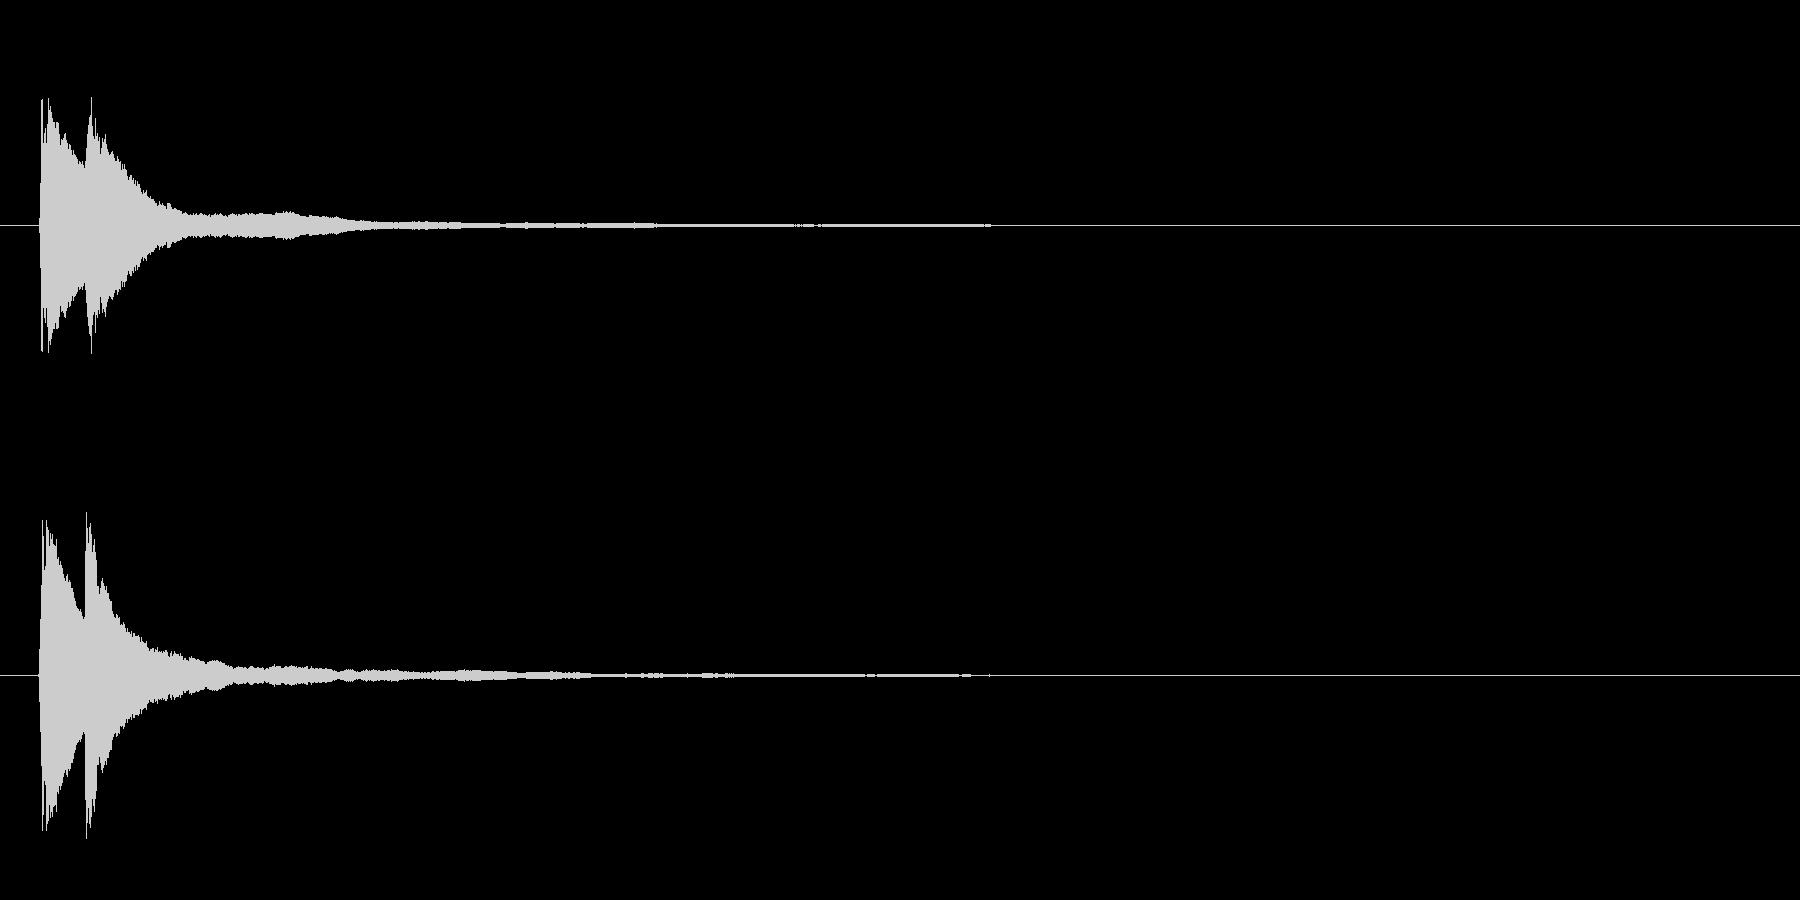 【ピコン/キラーン】ピアノによる決定音の未再生の波形